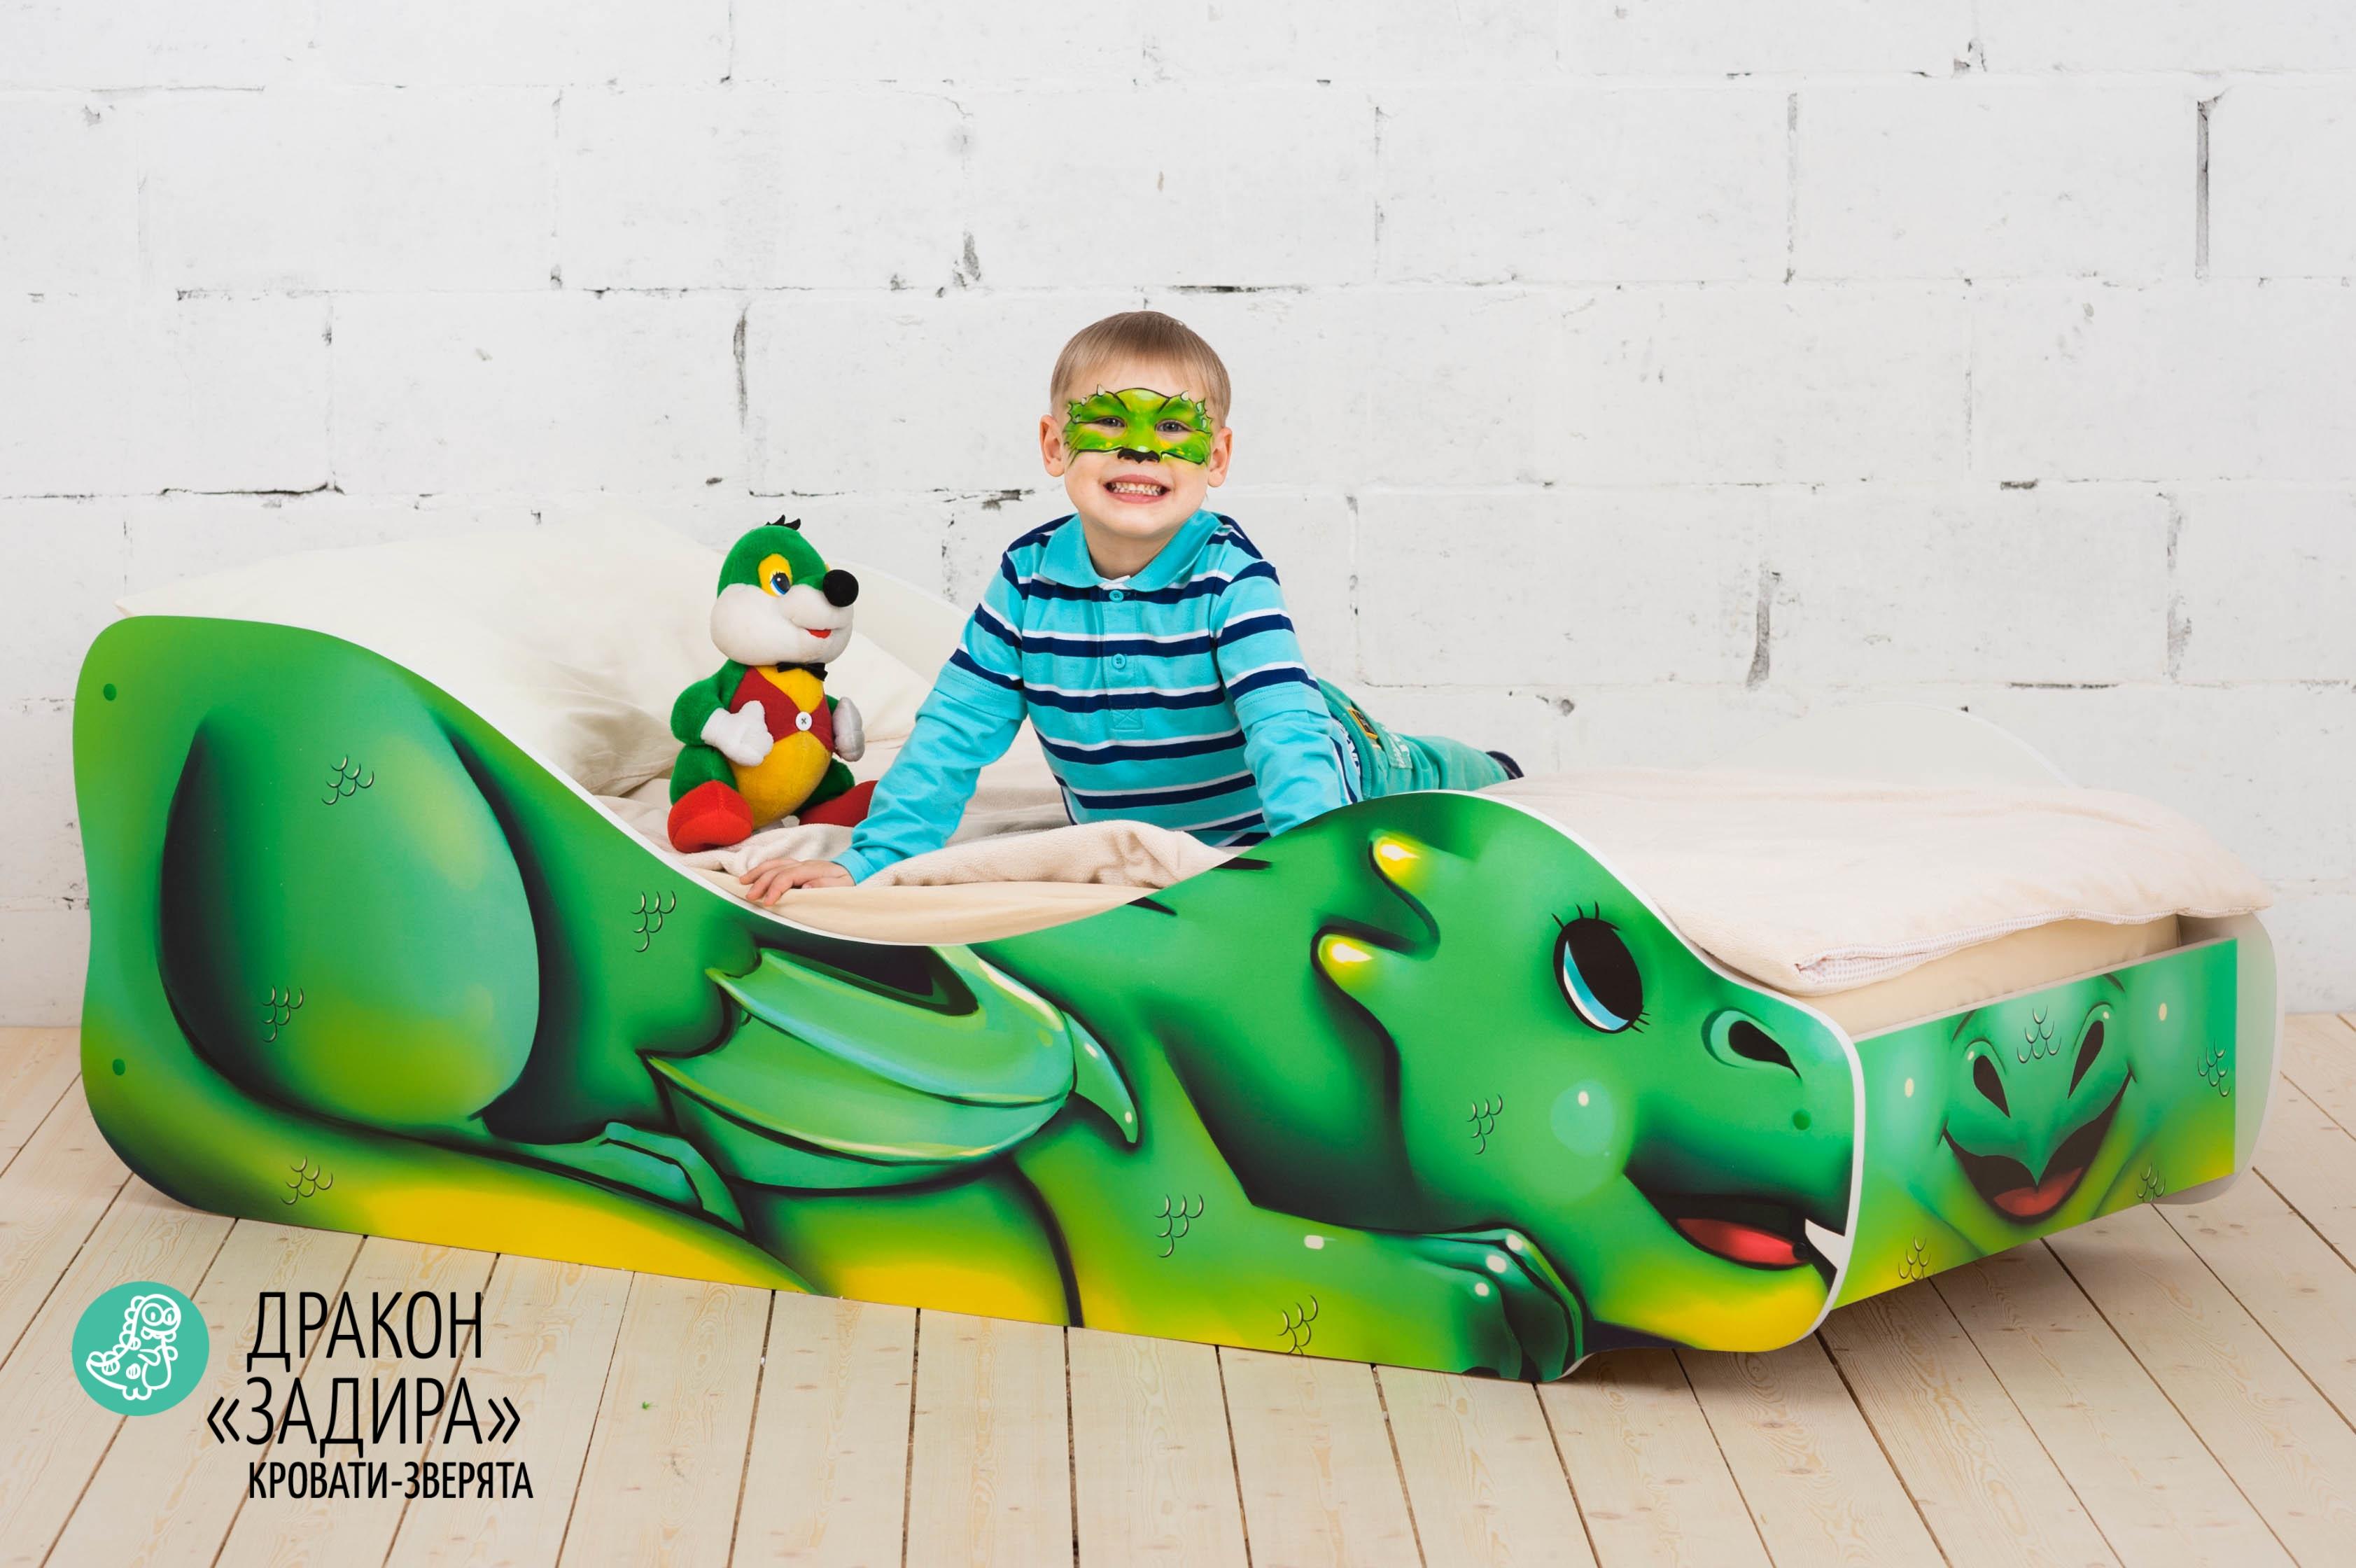 Детская кровать-зверенок -Дракон-Задира-14